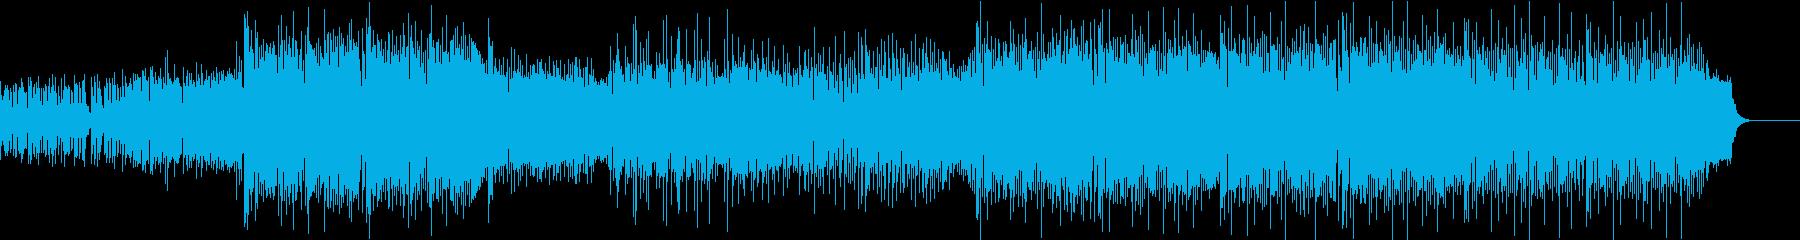 キラキラしたアニメっぽいポップスBGMの再生済みの波形